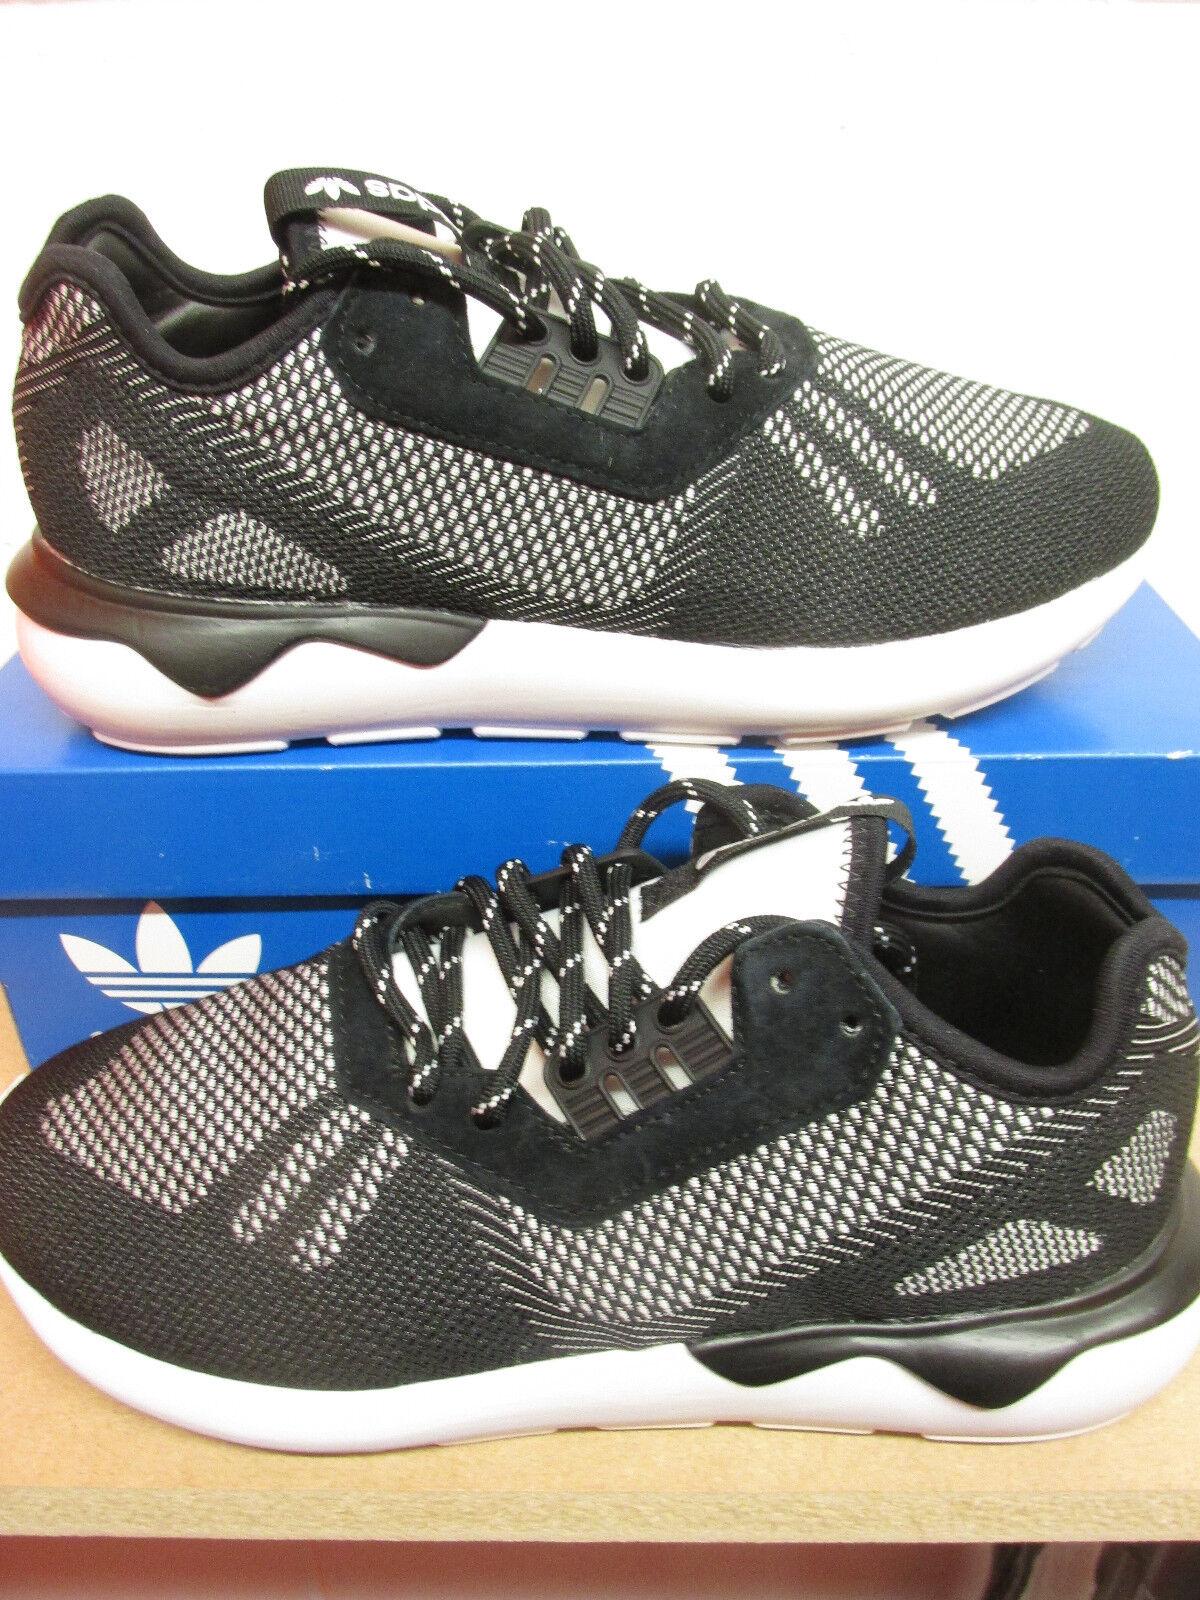 Adidas Originals S74813 Tubular Runner Tejido Para hombre S74813 Originals Correr Zapatillas Sneakers ff2754